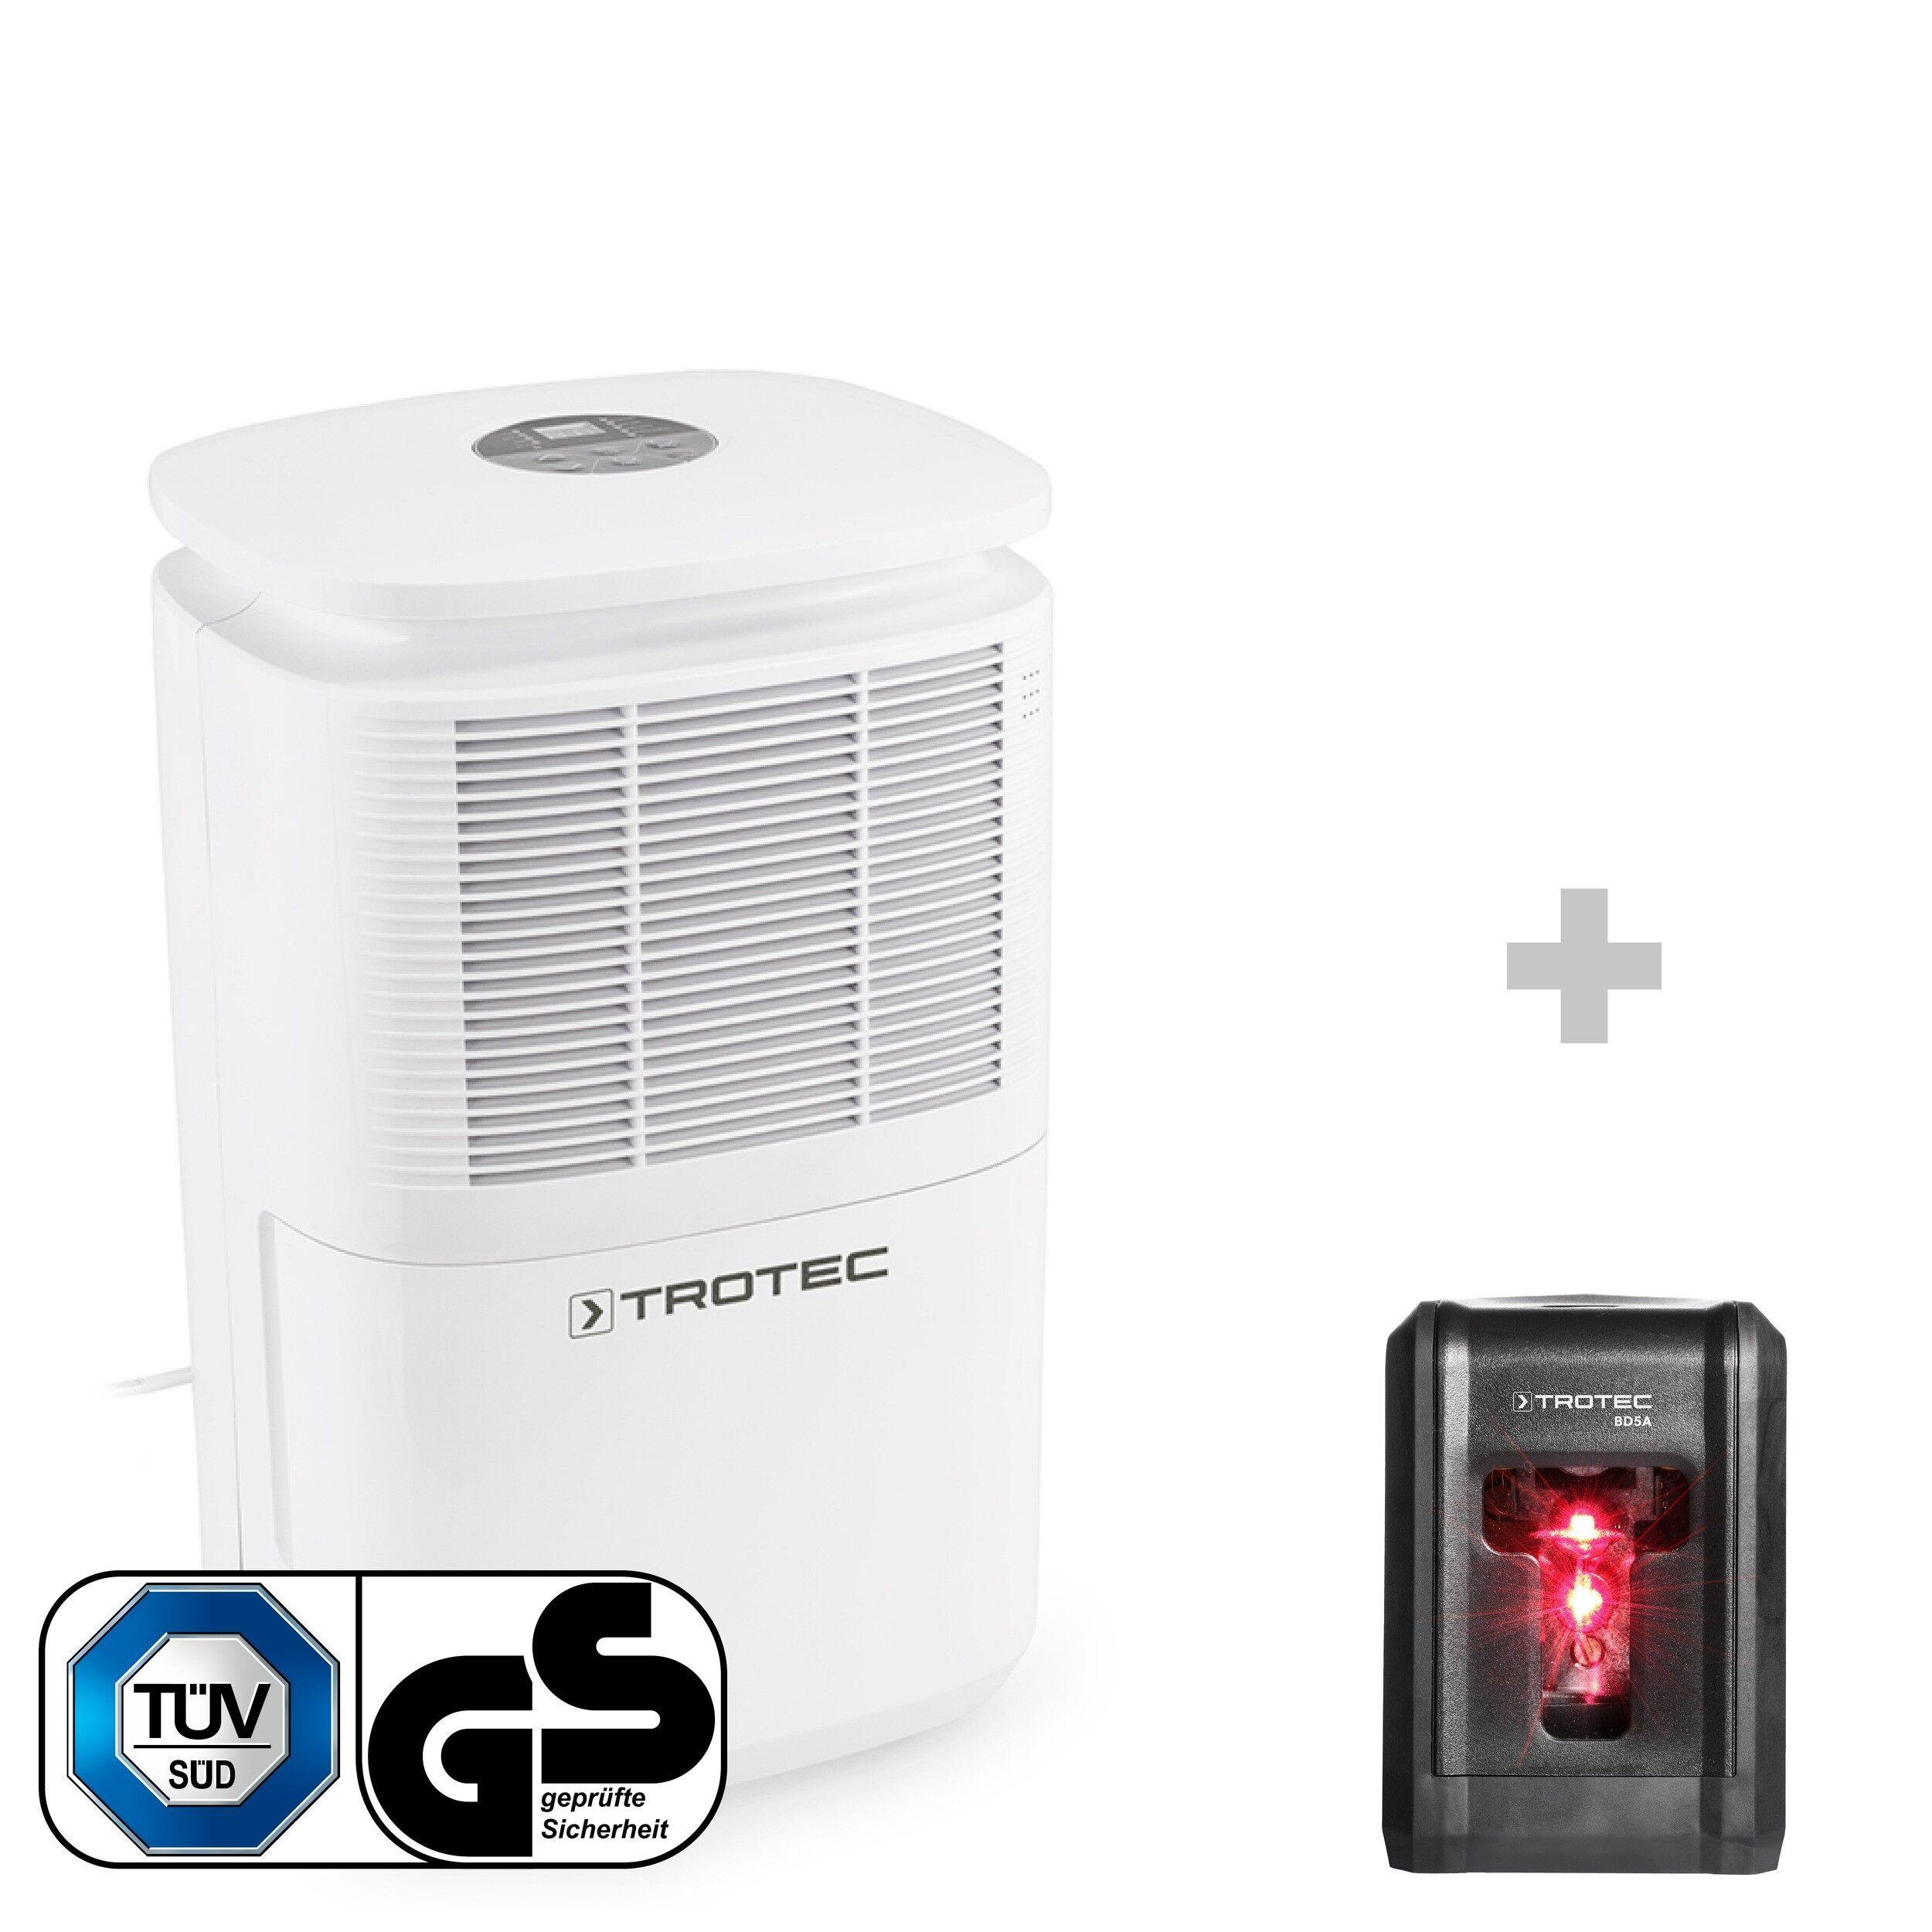 trotec deumidificatore ttk 30 e + livella laser bd5a